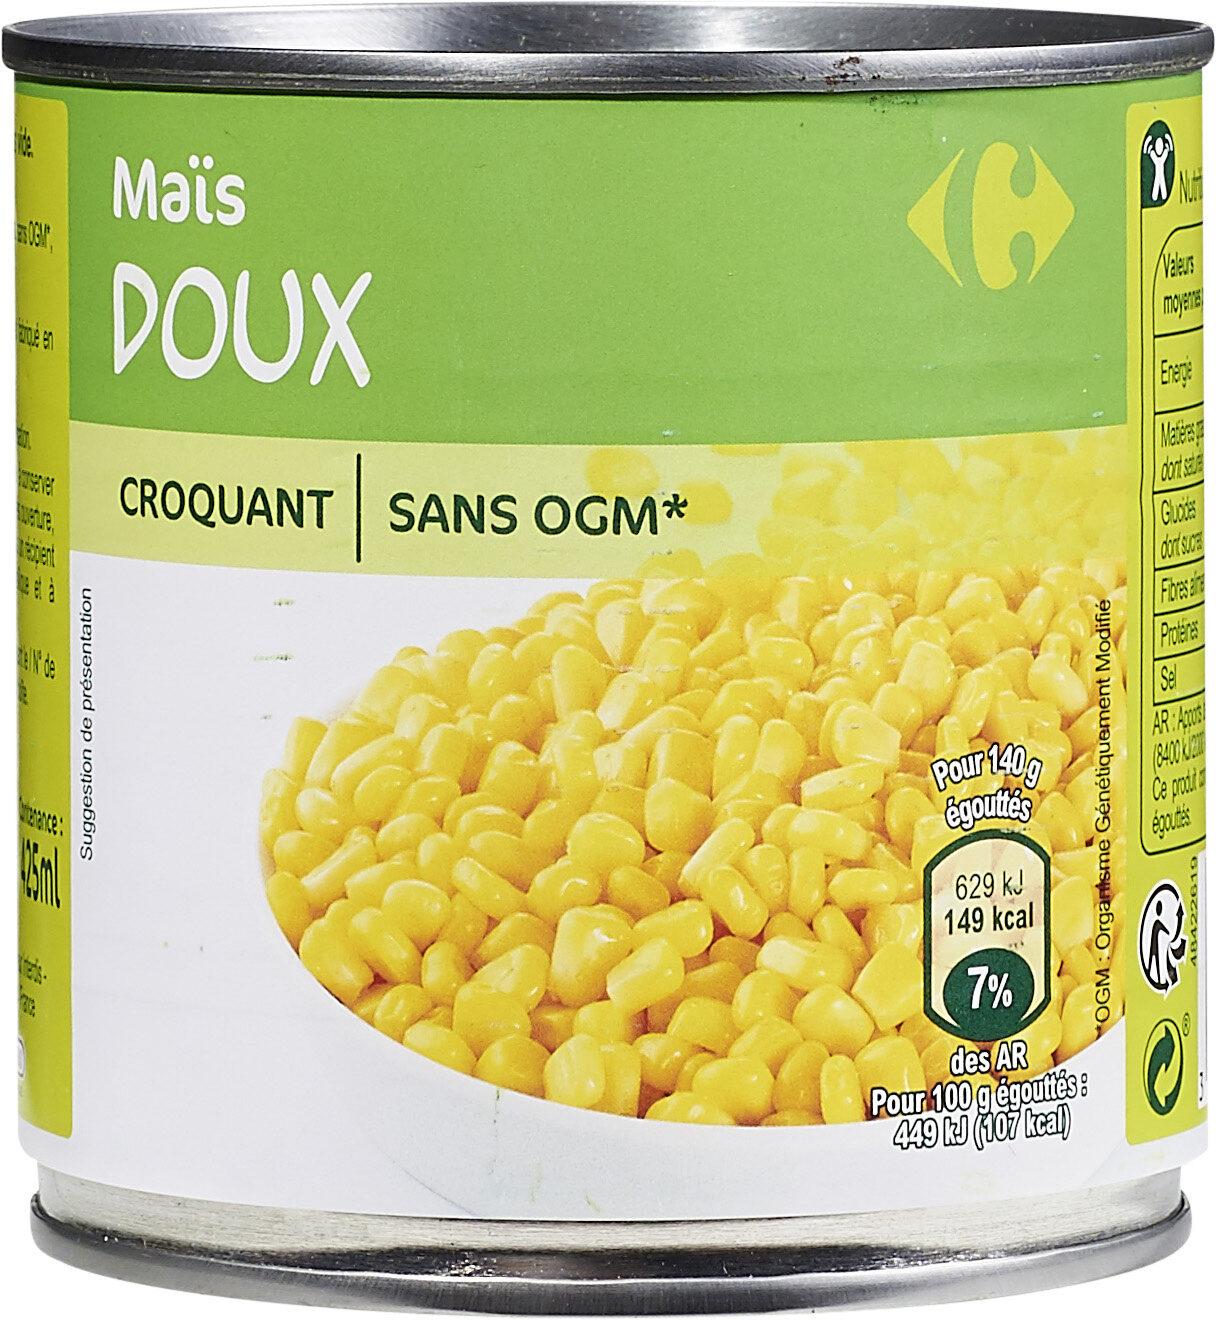 Maïs doux croquant - Prodotto - fr